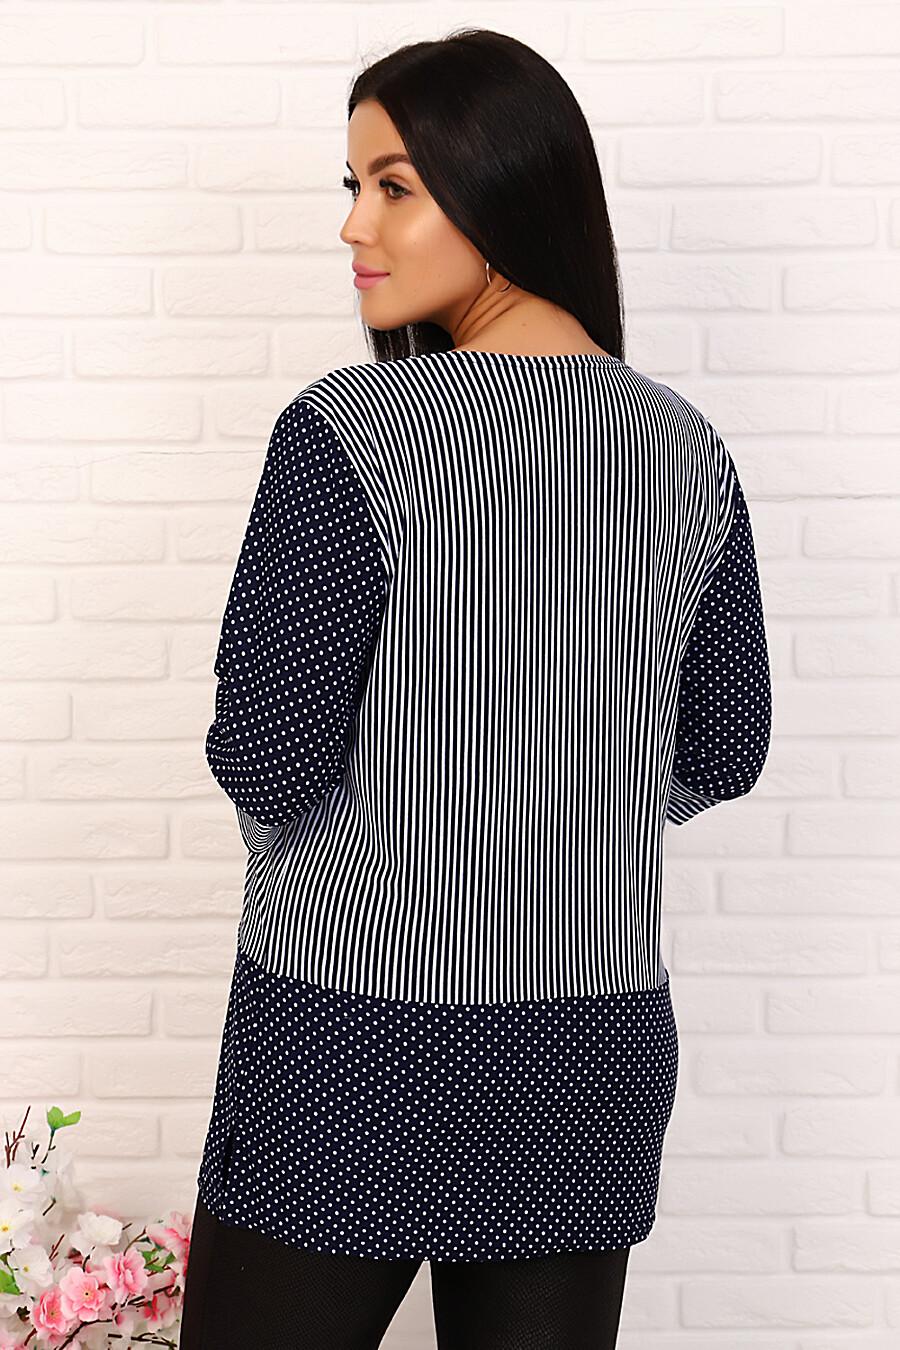 Туника 31518 для женщин НАТАЛИ 334792 купить оптом от производителя. Совместная покупка женской одежды в OptMoyo